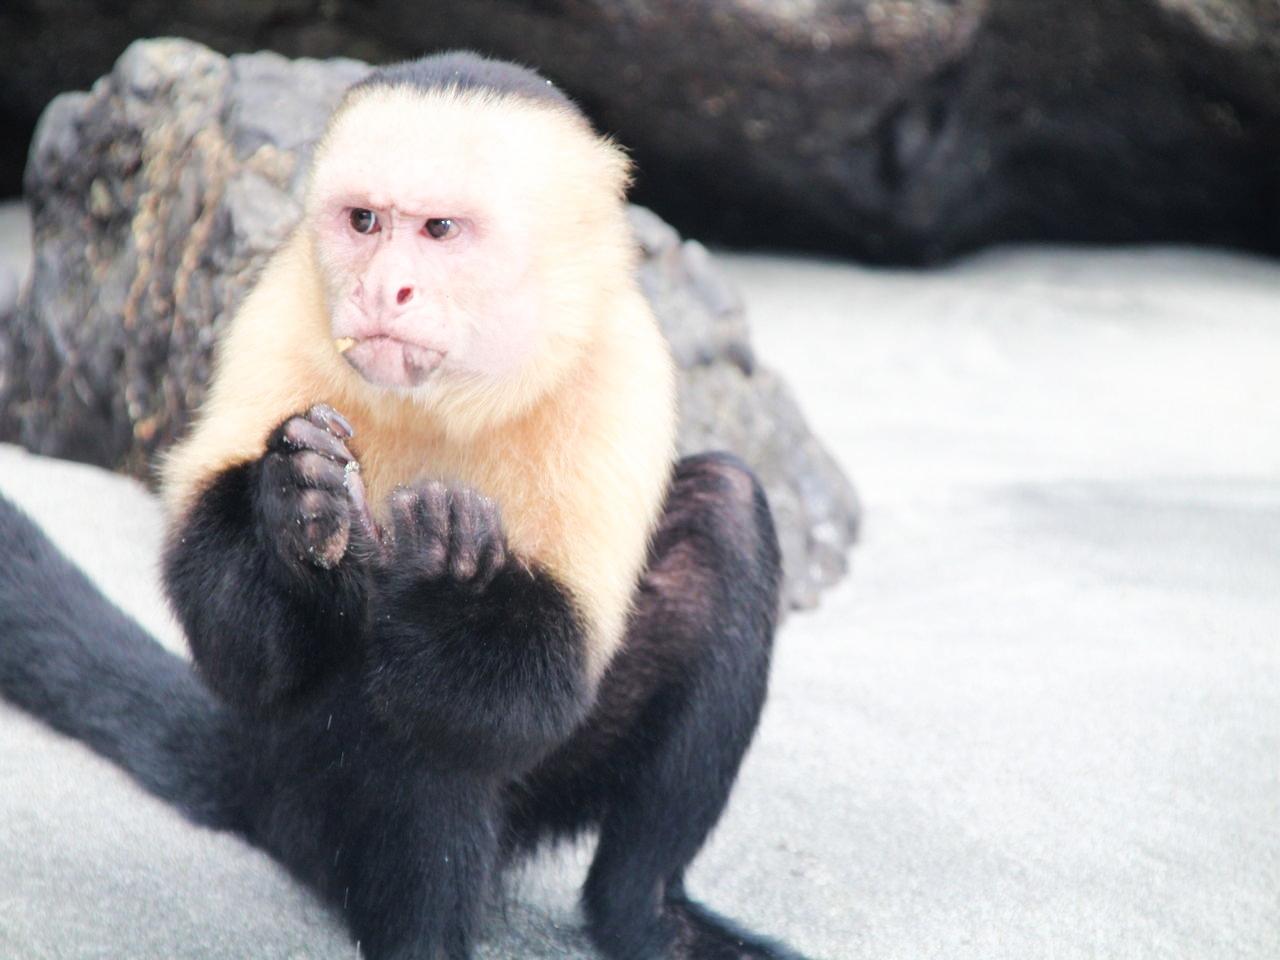 Si visitas Manuel Antonio en tu viaje a Costa Rica en dos semanas, recuerda no dar de comer a los monos cara blanca.